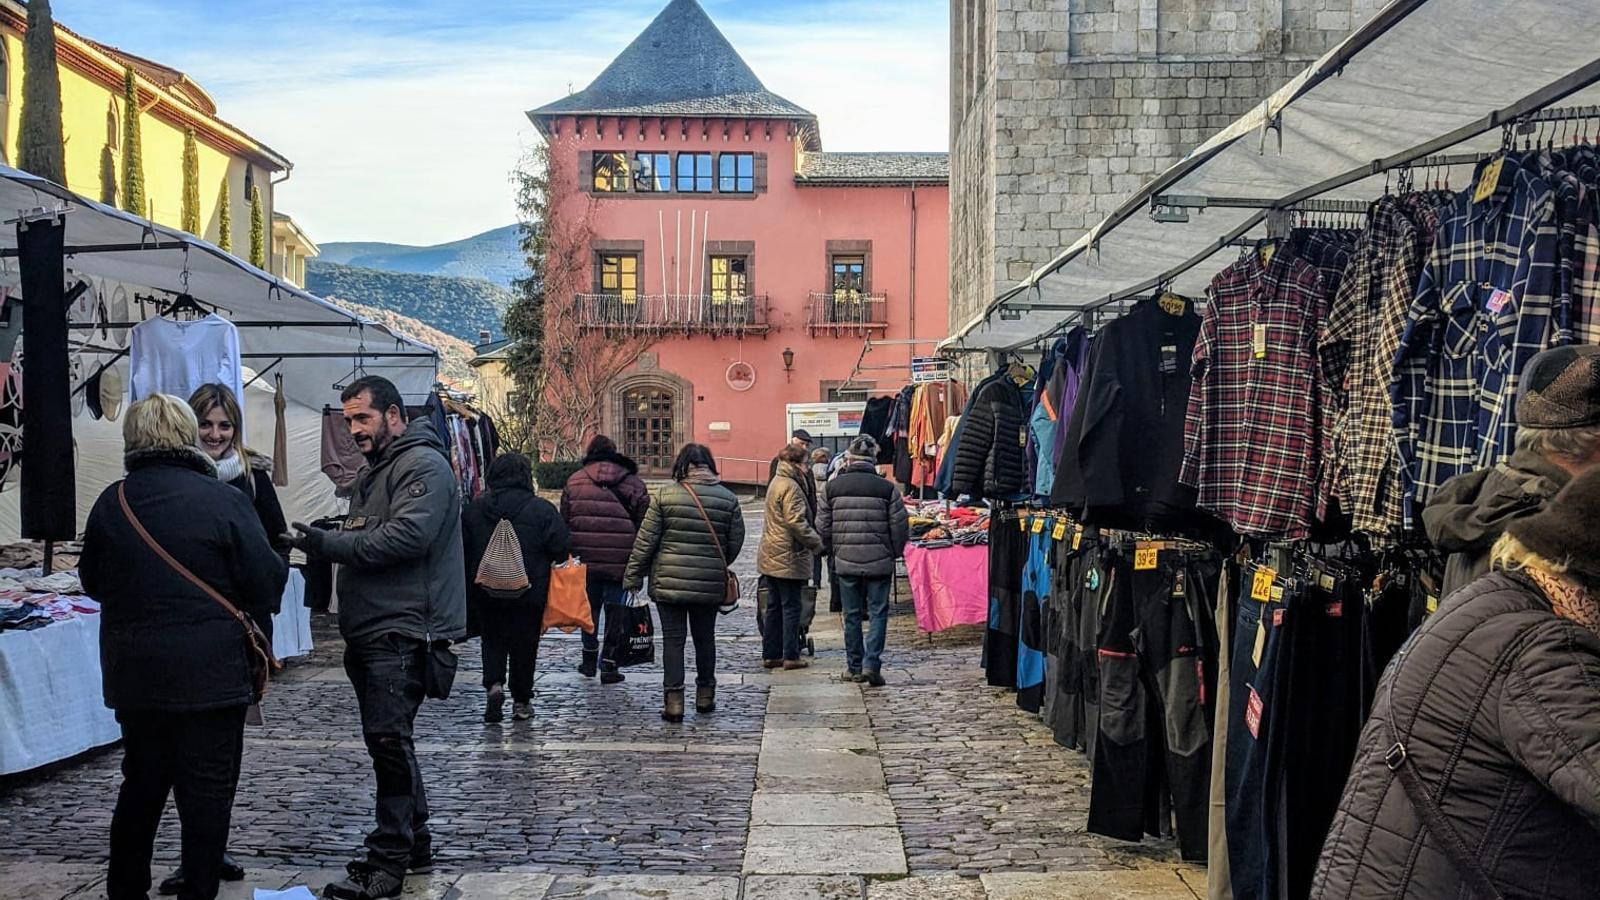 Parades de roba al mercat de la Seu. / AJUNTAMENT DE LA SEU D'URGELL